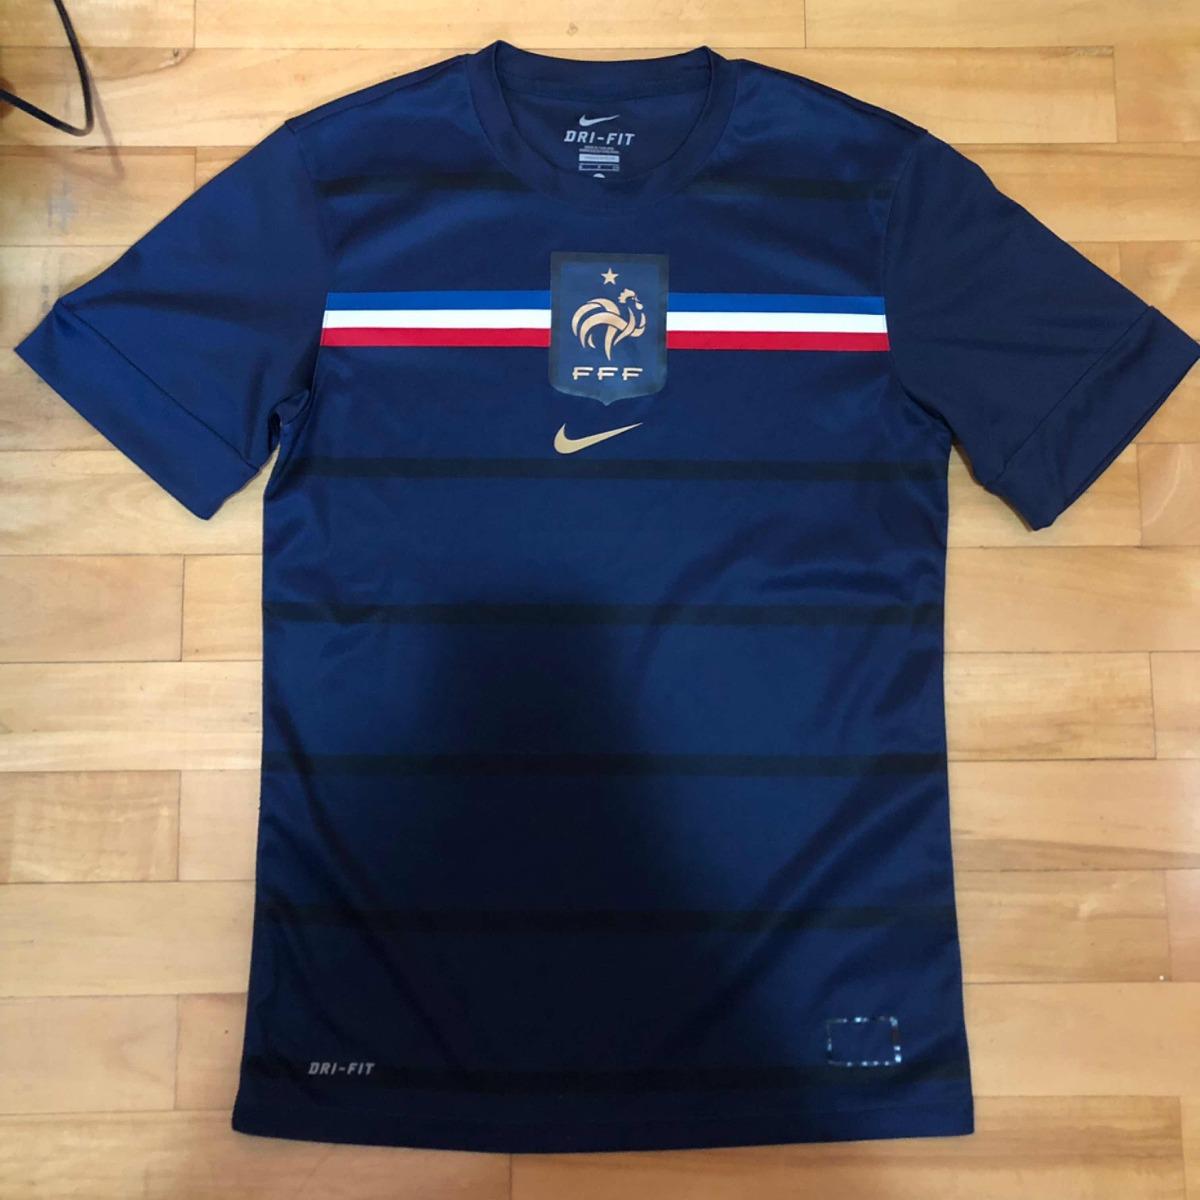 camisa seleção frança 2010 treino p original nike. Carregando zoom. 2dadcf4a60d13